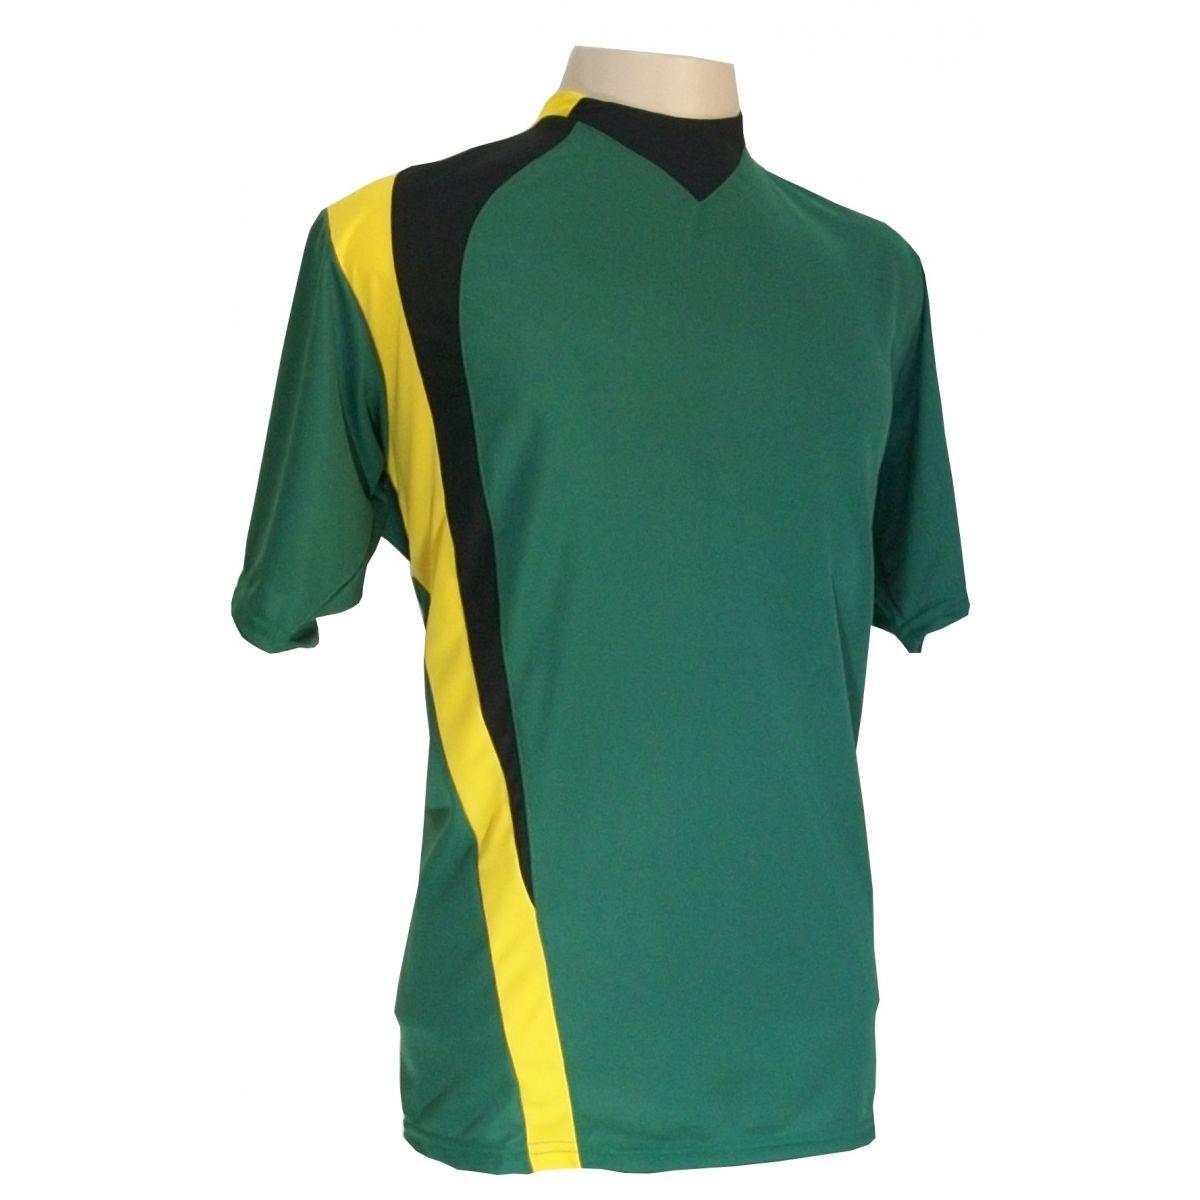 Jogo de Camisa com 14 unidades modelo PSG Verde/Preto/Amarelo + 1 Goleiro